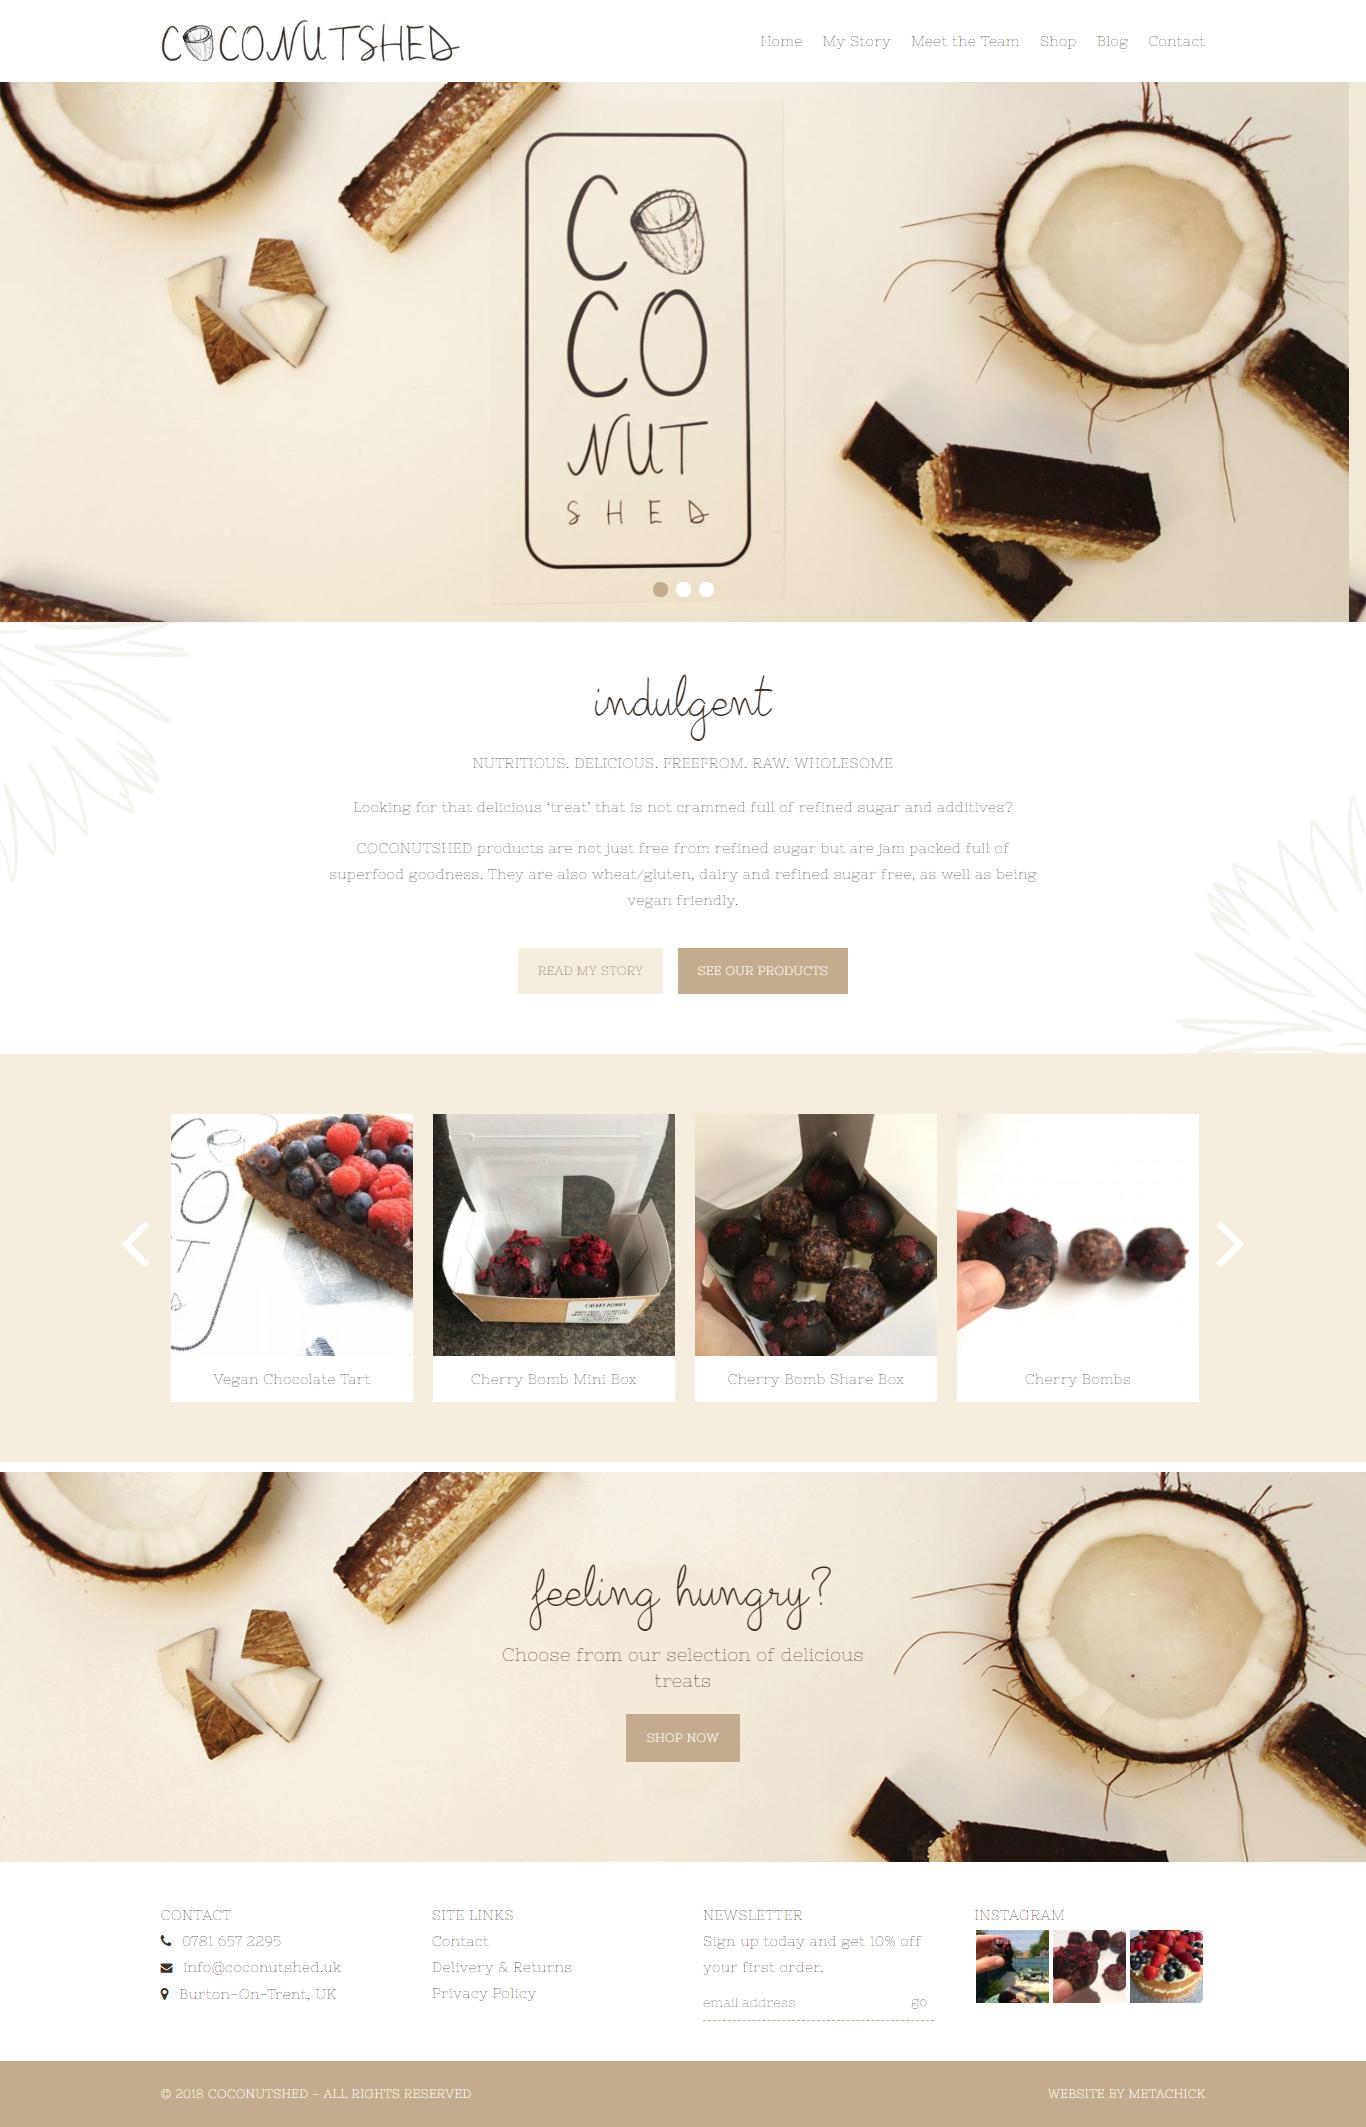 Coconutshed website Metachick